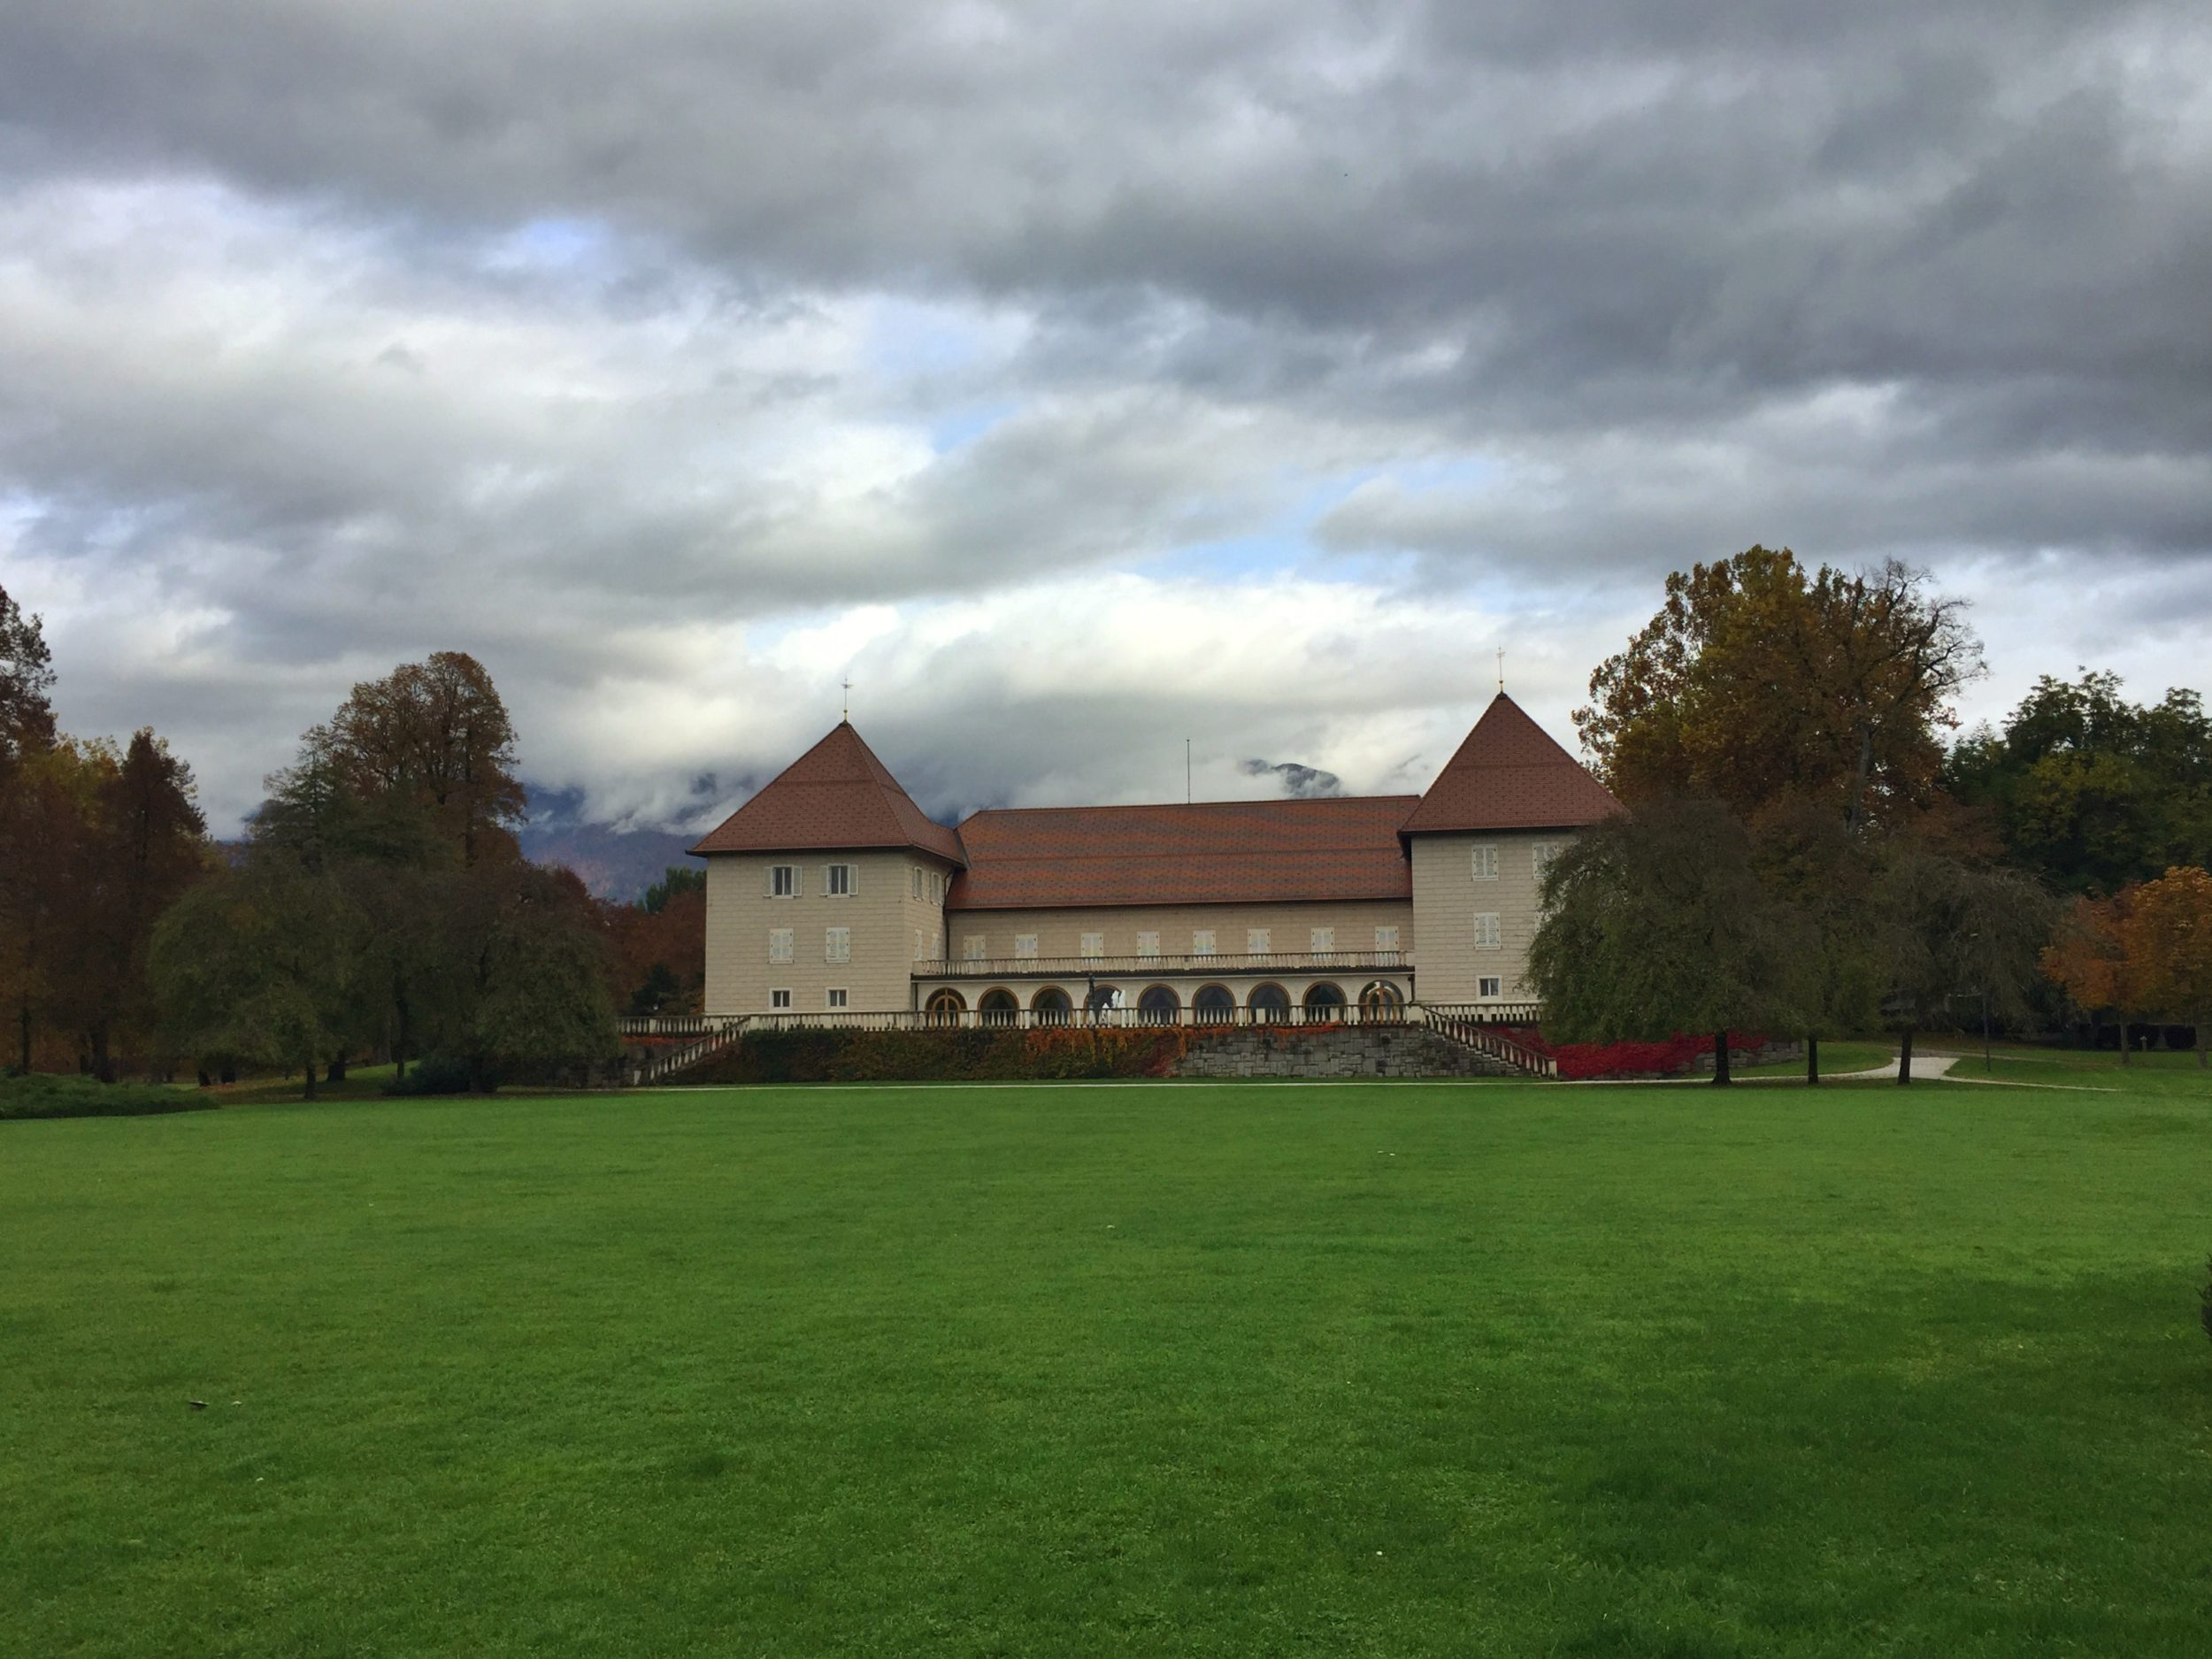 Brdo Castle